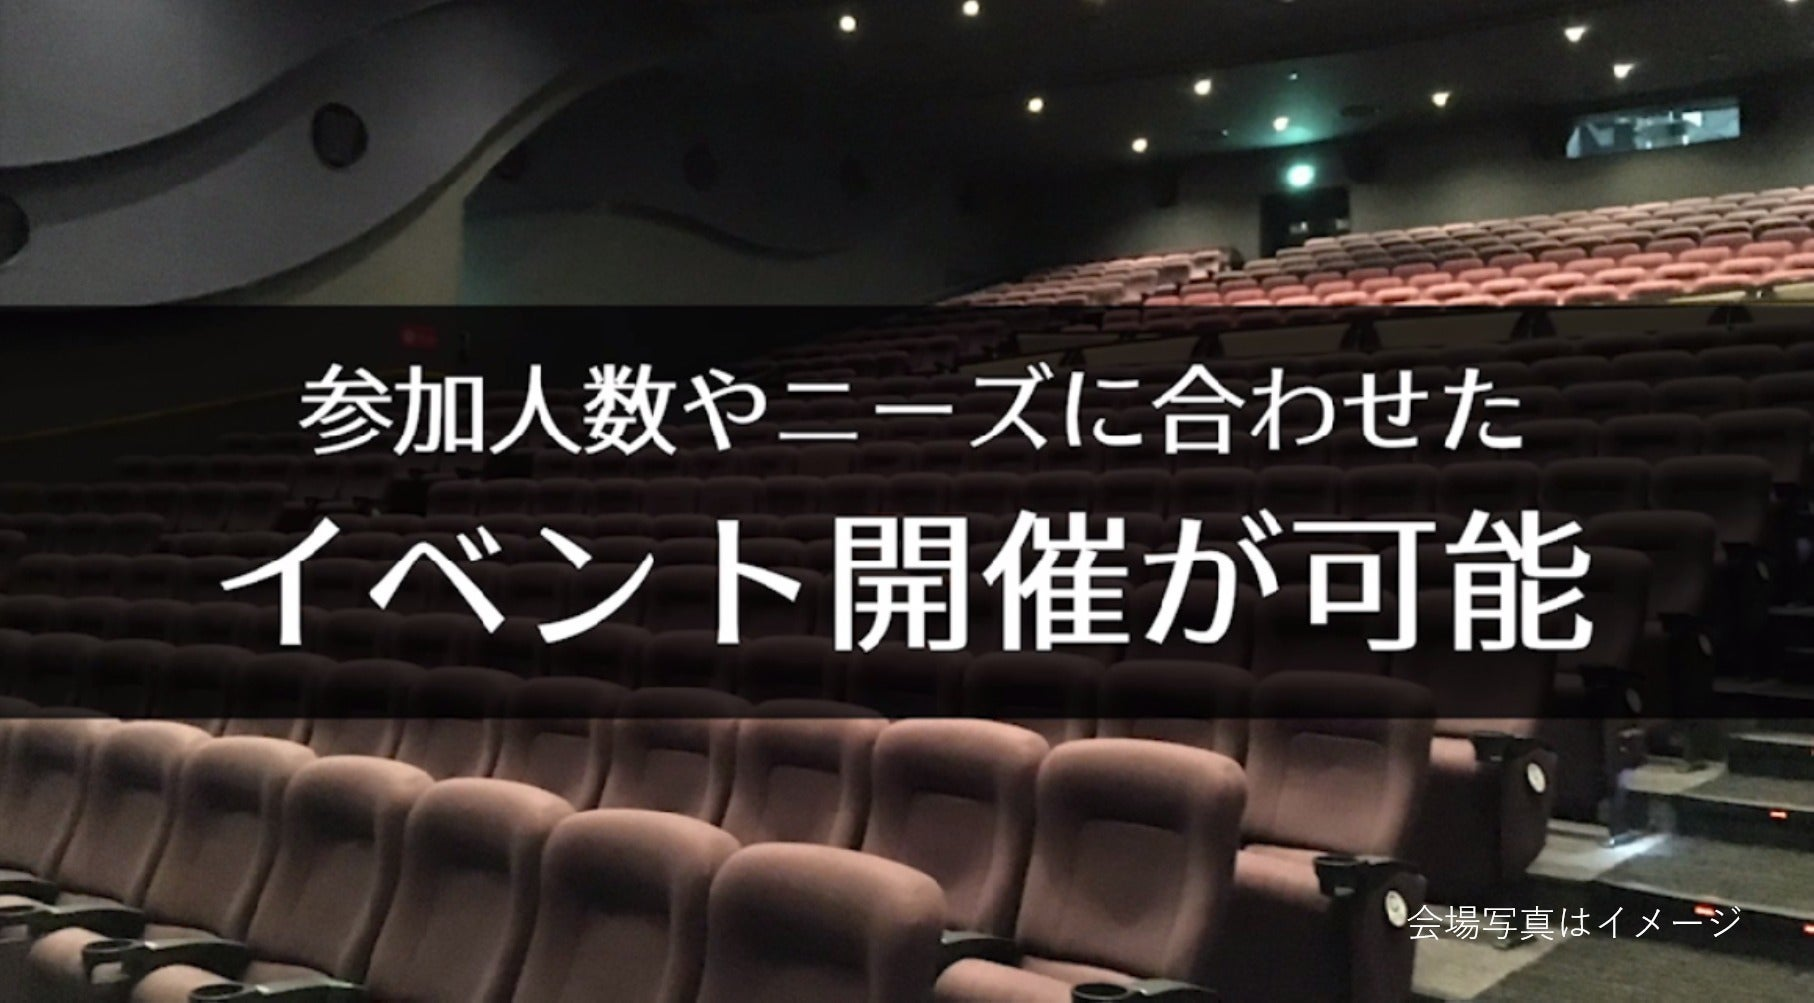 【金沢 262席】映画館で、会社説明会、株主総会、講演会の企画はいかがですか? の写真